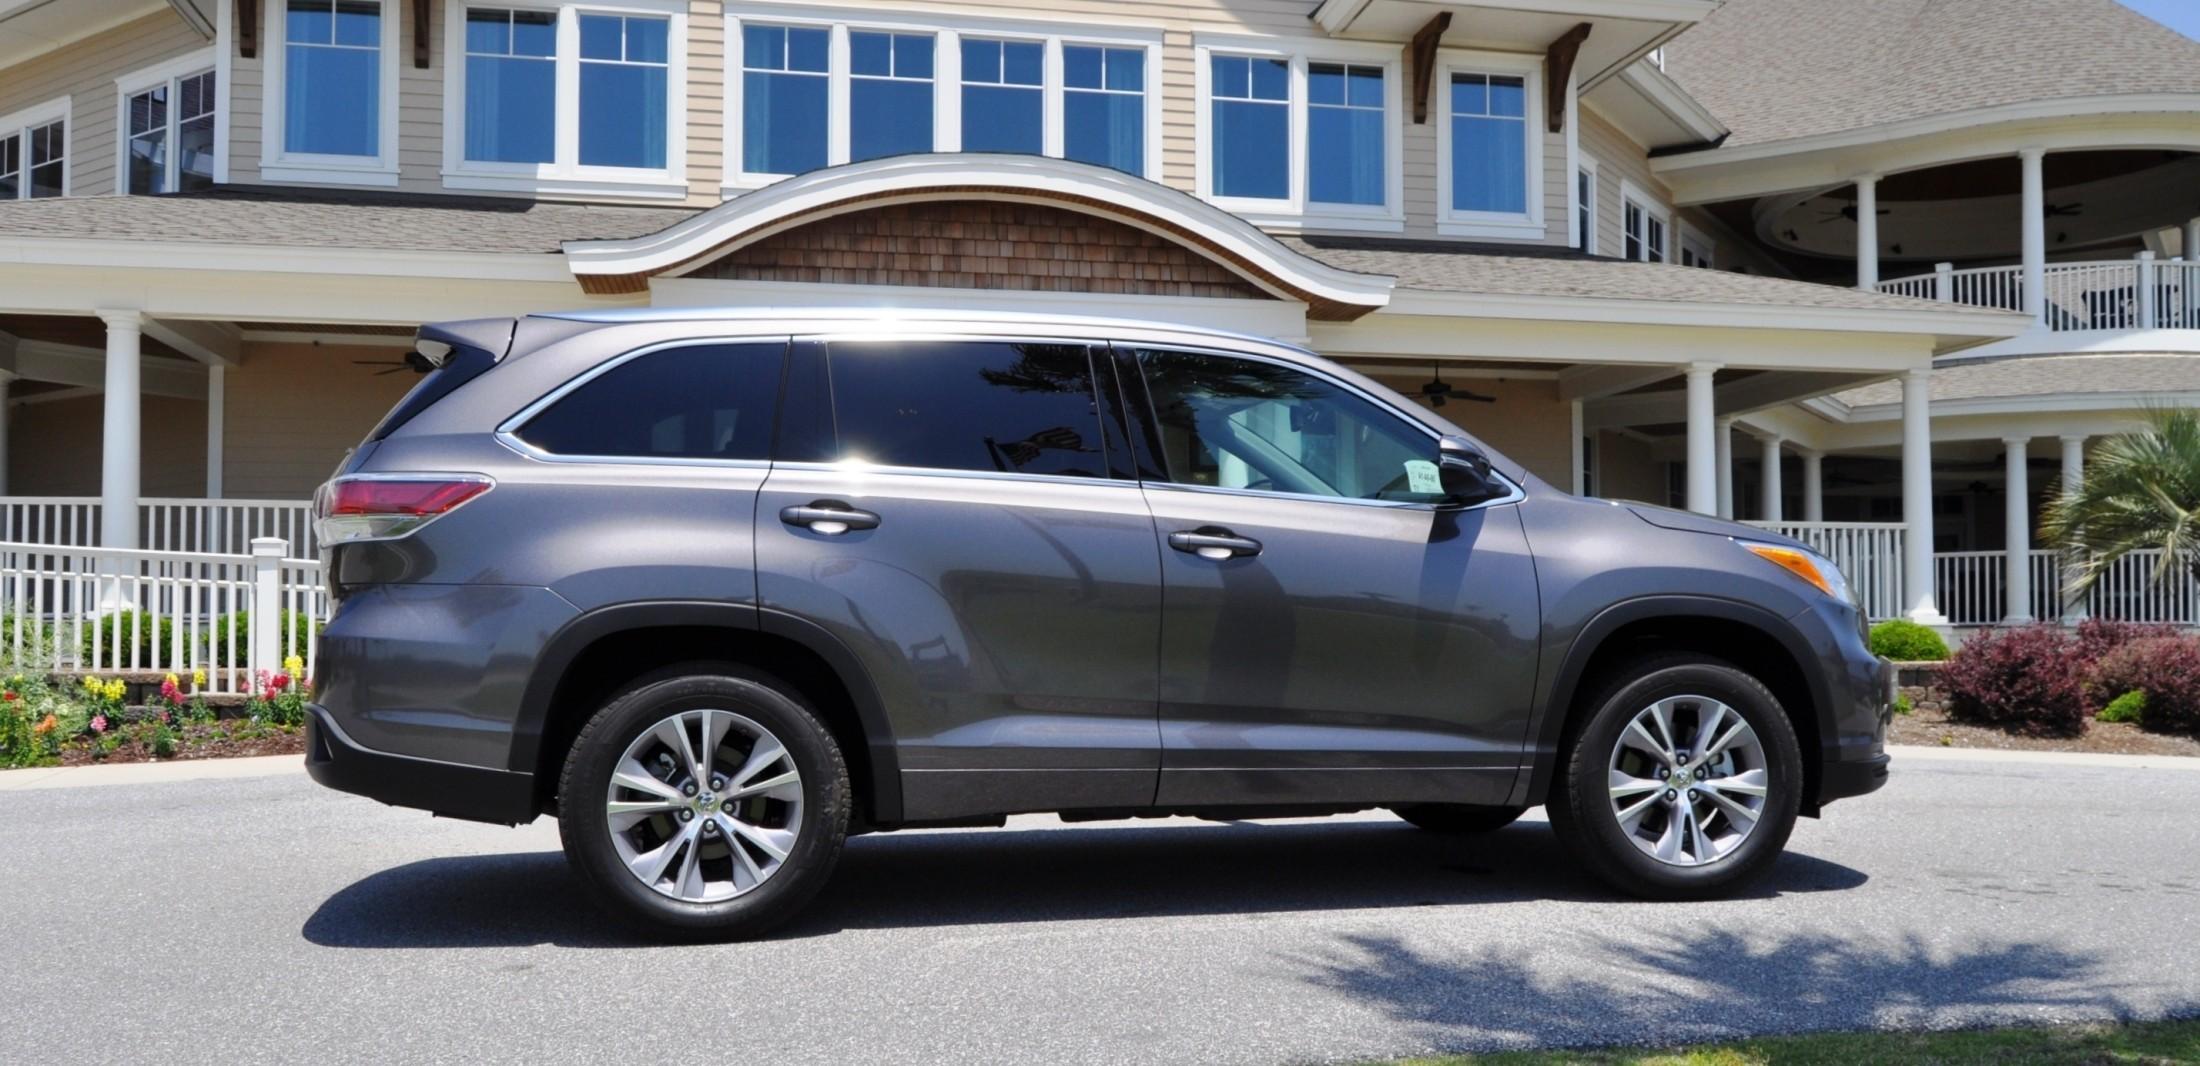 Car-Revs-Daily.com Road Test Review - 2014 Toyota Highlander XLE V6 80